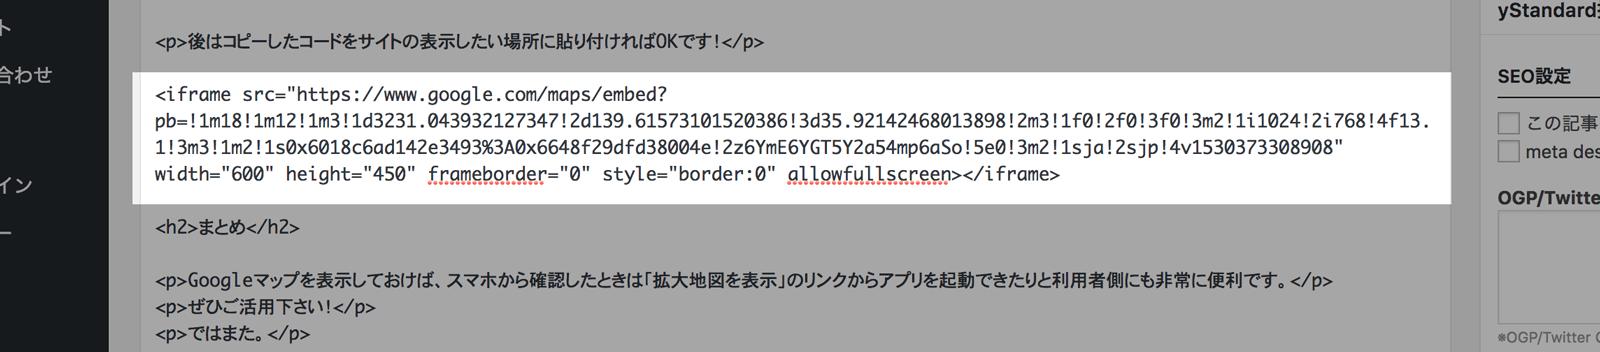 表示したい部分にコピーしたコードを貼り付ける